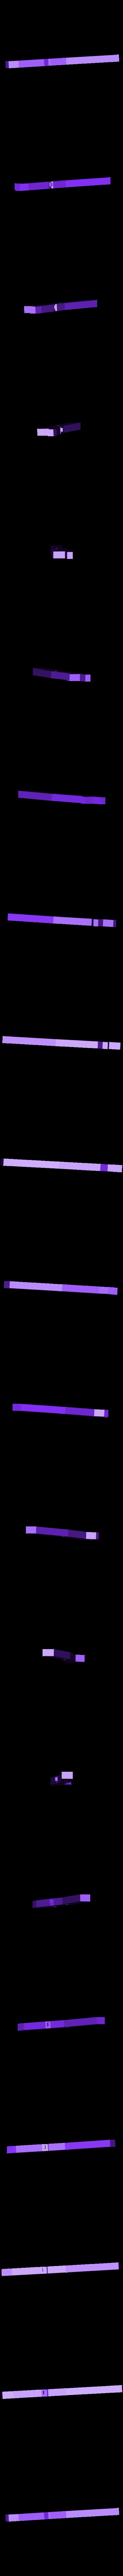 Secret drawer latch rt side placement.stl Télécharger fichier STL gratuit Hogwarts School of Witchcraft • Plan à imprimer en 3D, Valient